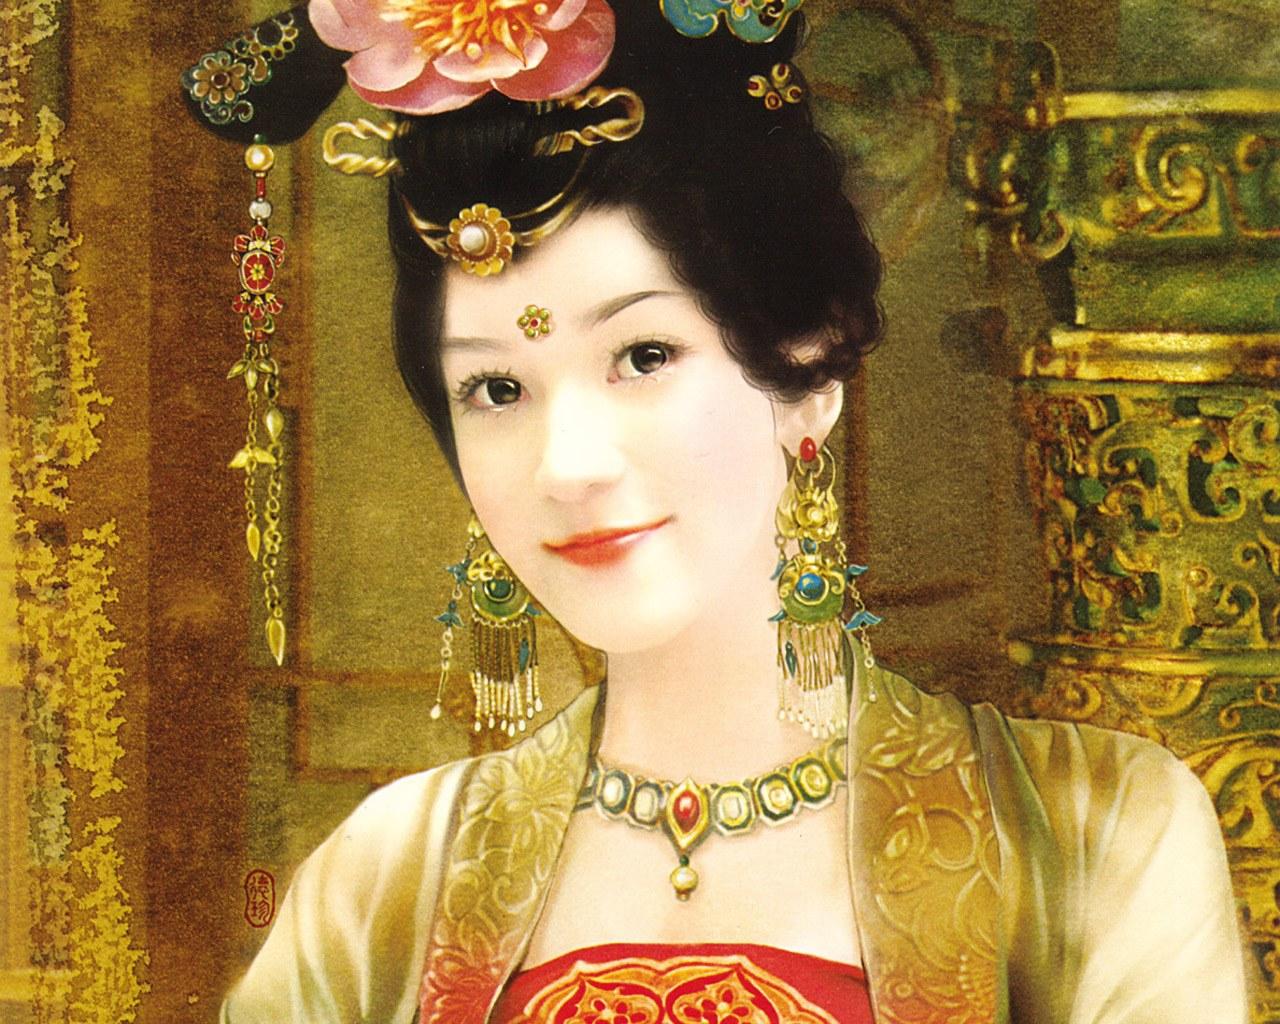 古装手绘美女 清朝